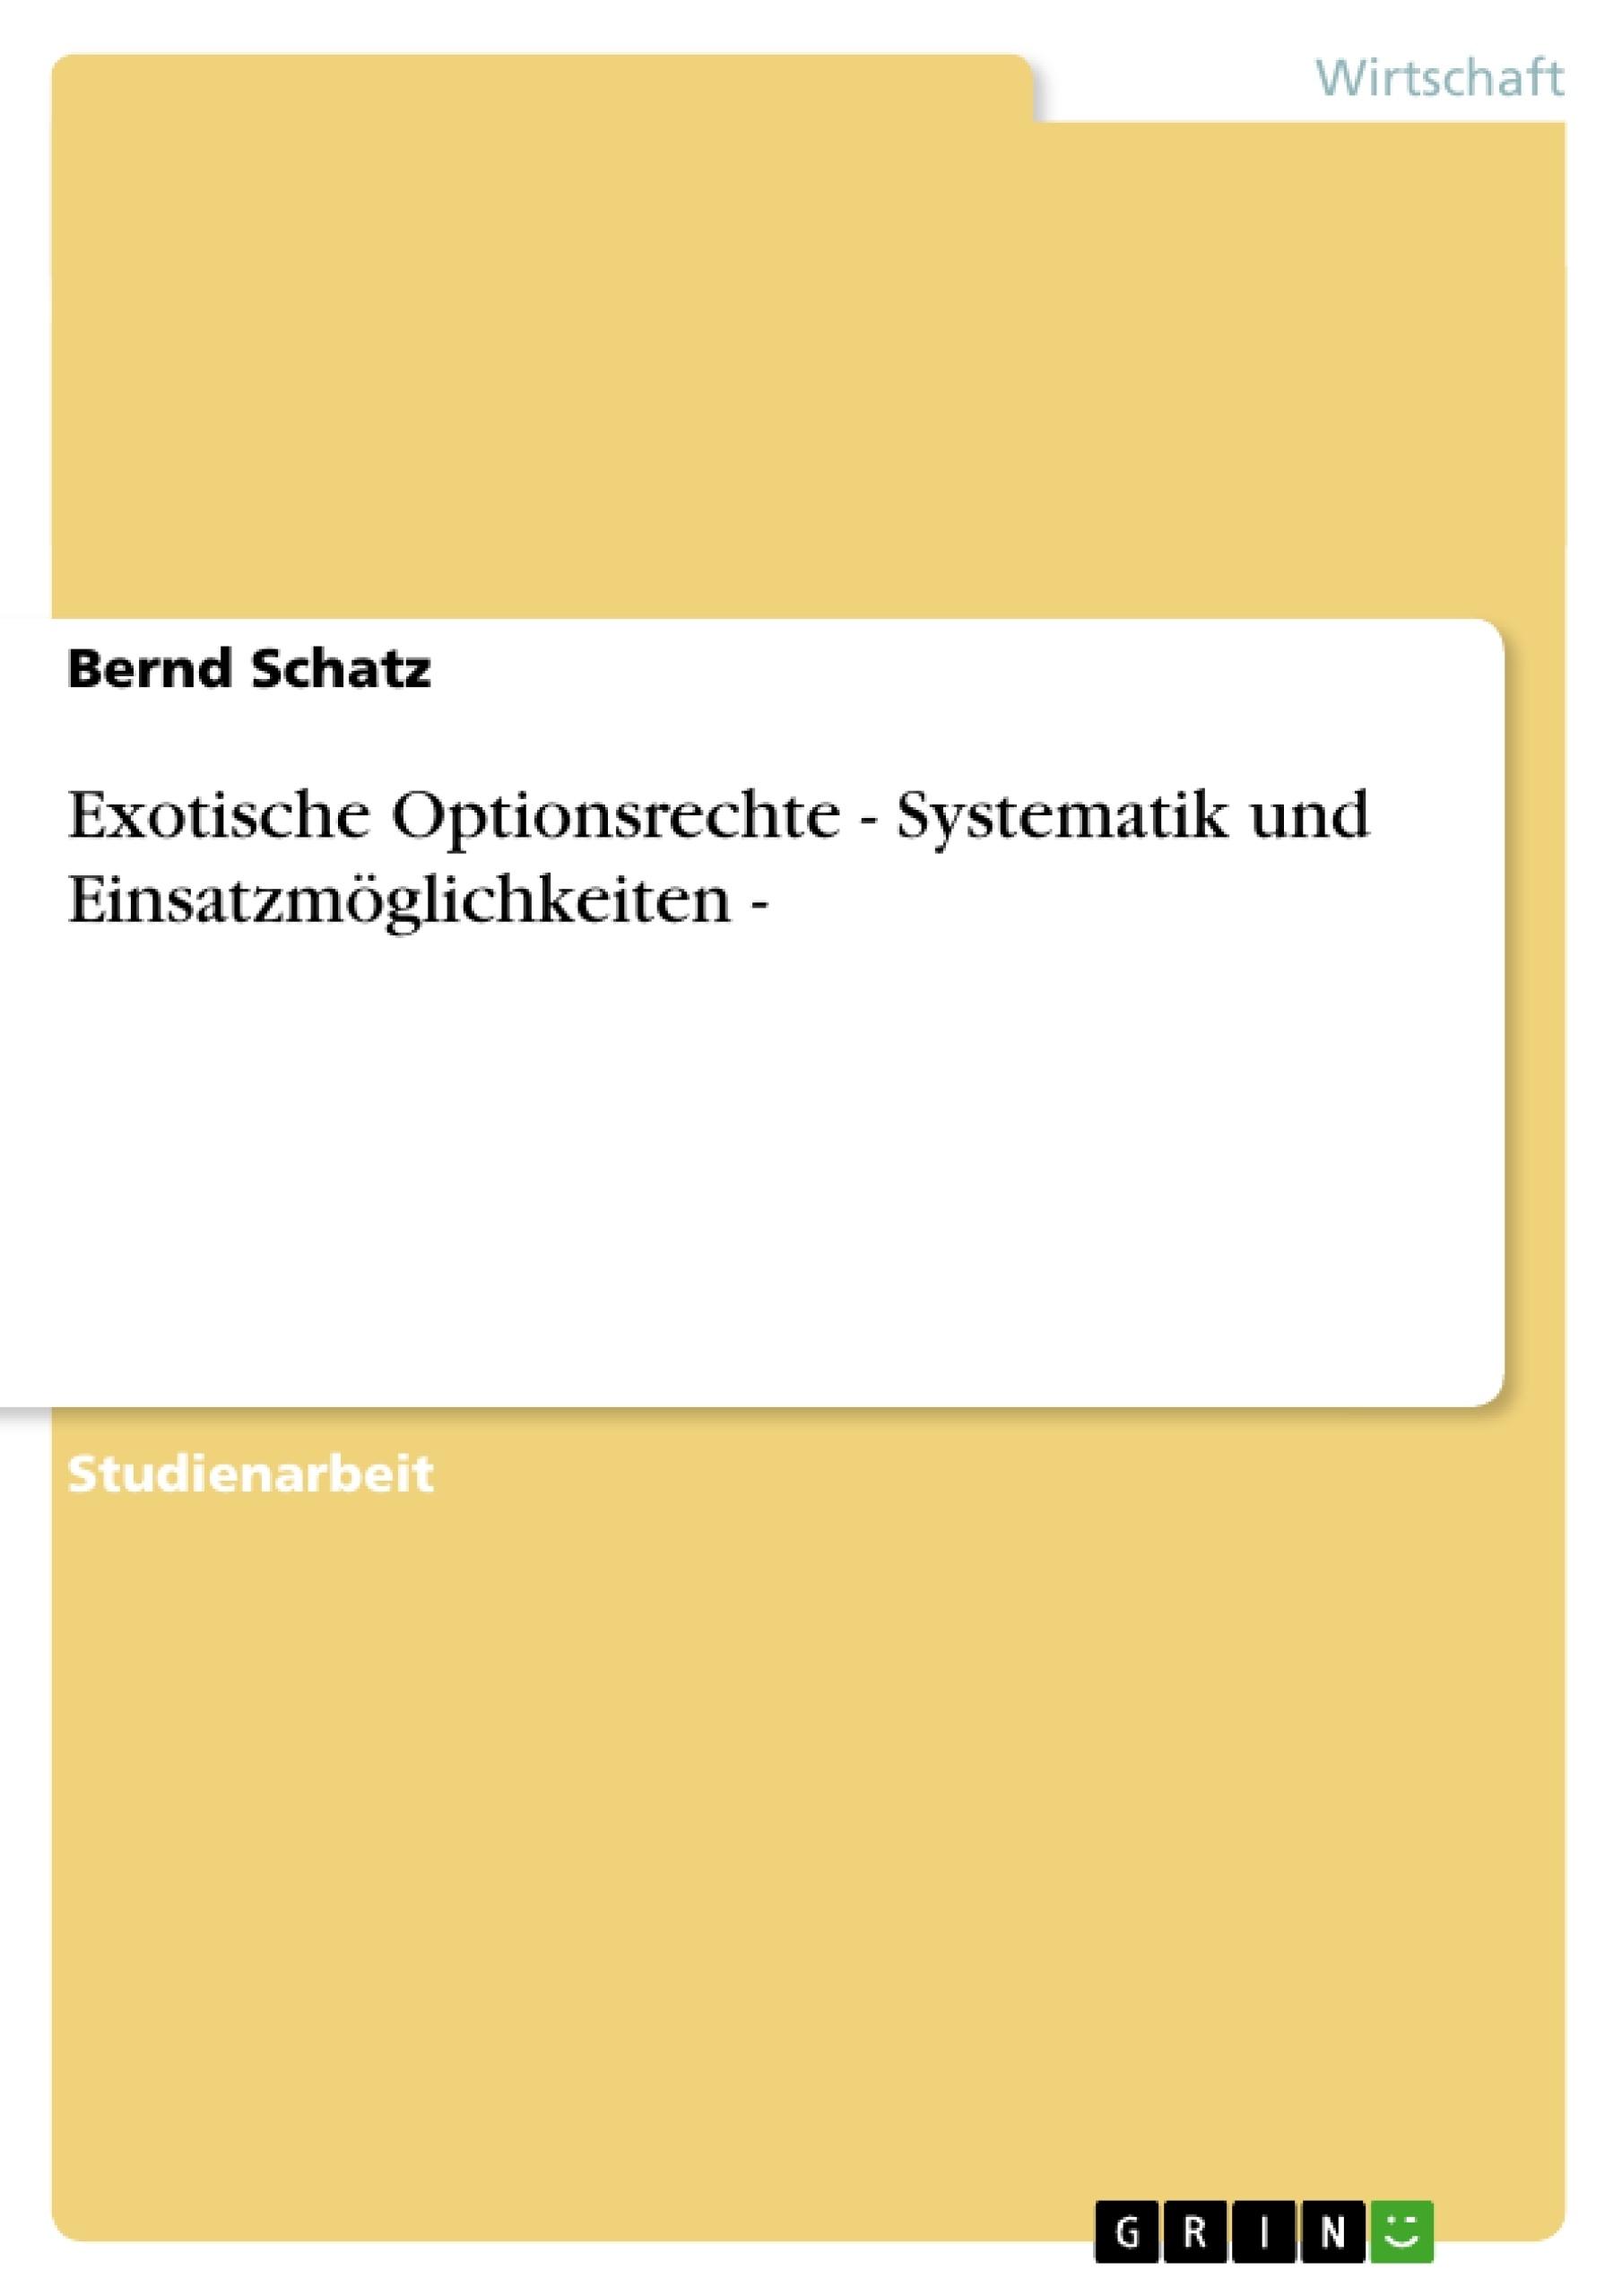 Exotische Optionsrechte - Systematik und Einsatzmöglichkeiten ...